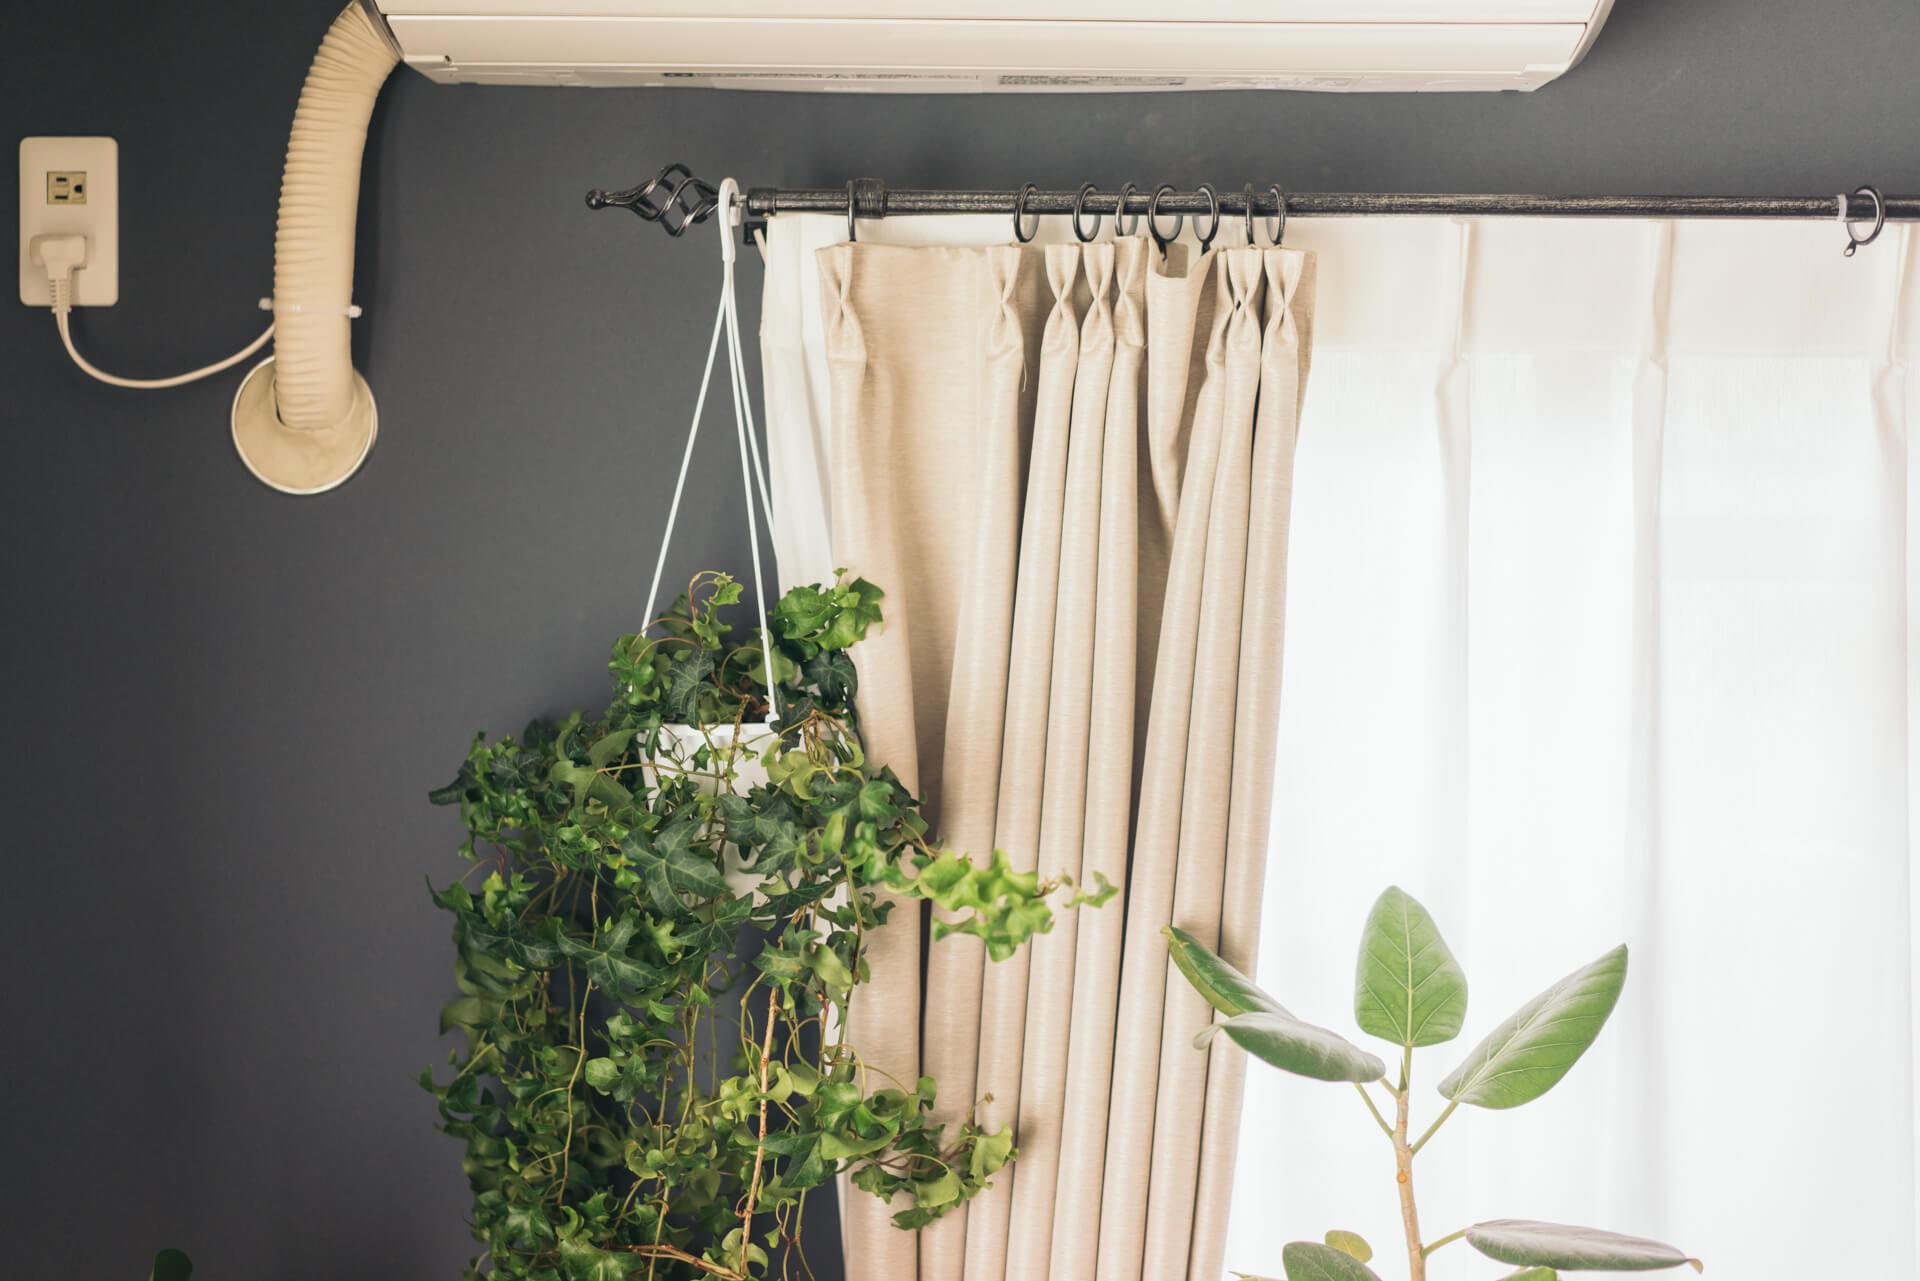 カーテンレールも、デザイン性のあるものをチョイス。グリーンをこうやって吊るすこともできます。